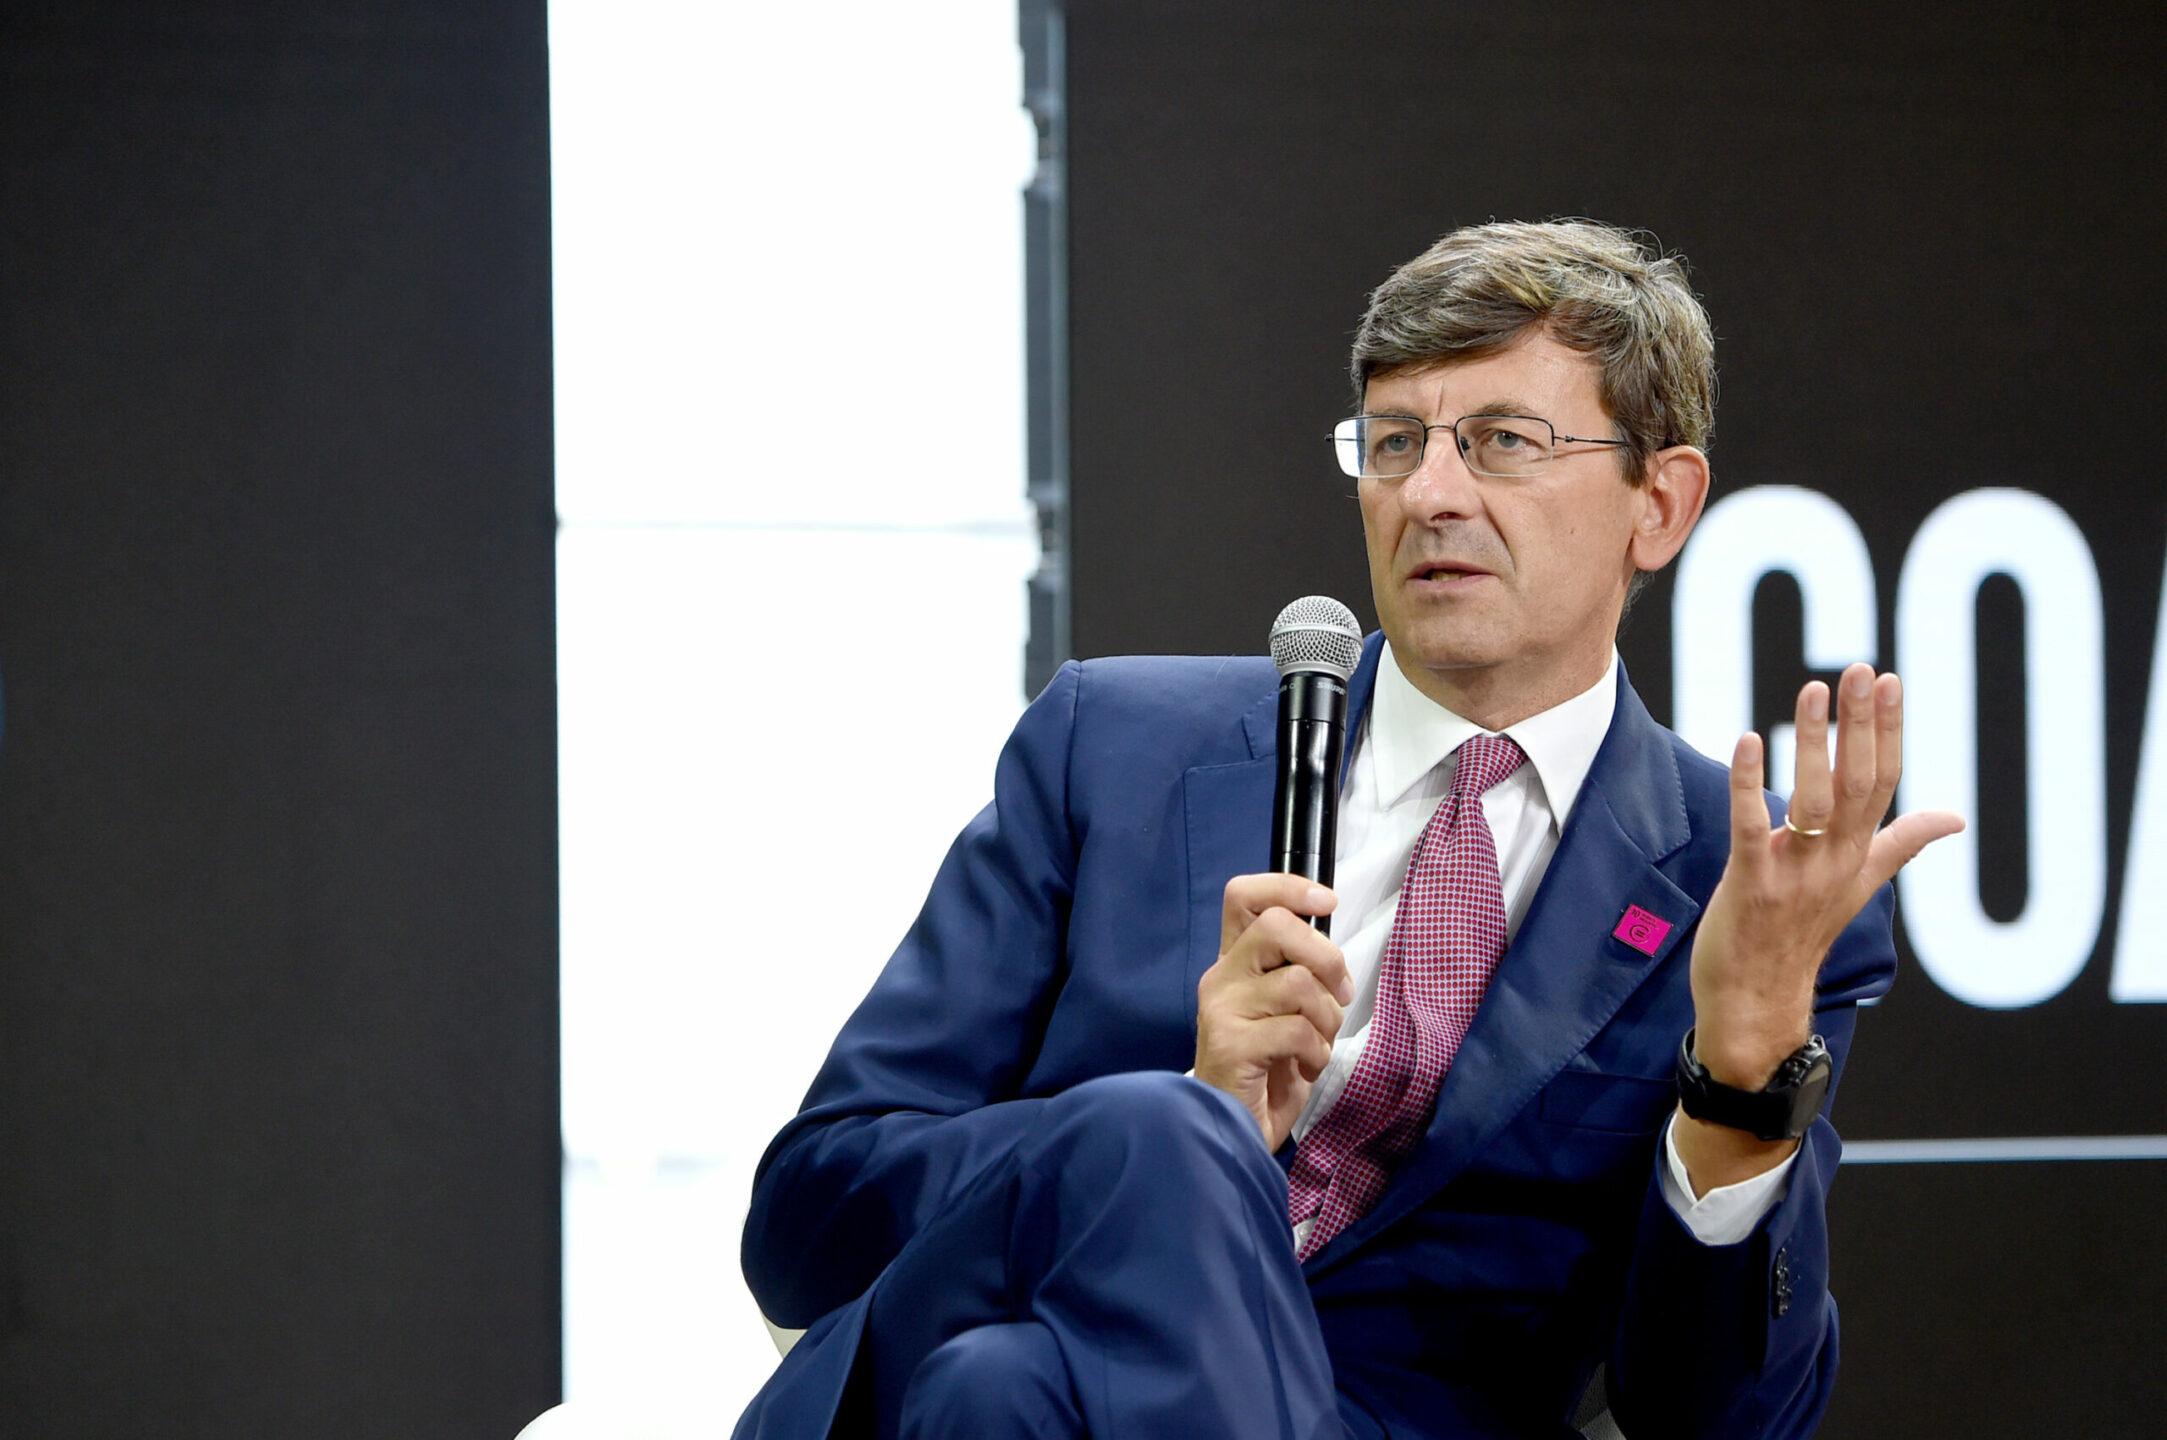 cosa-prevede-il-piano-di-vittorio-colao-per-digitalizzare-la-pa:-sul-tavolo-6,7-miliardi-di-euro